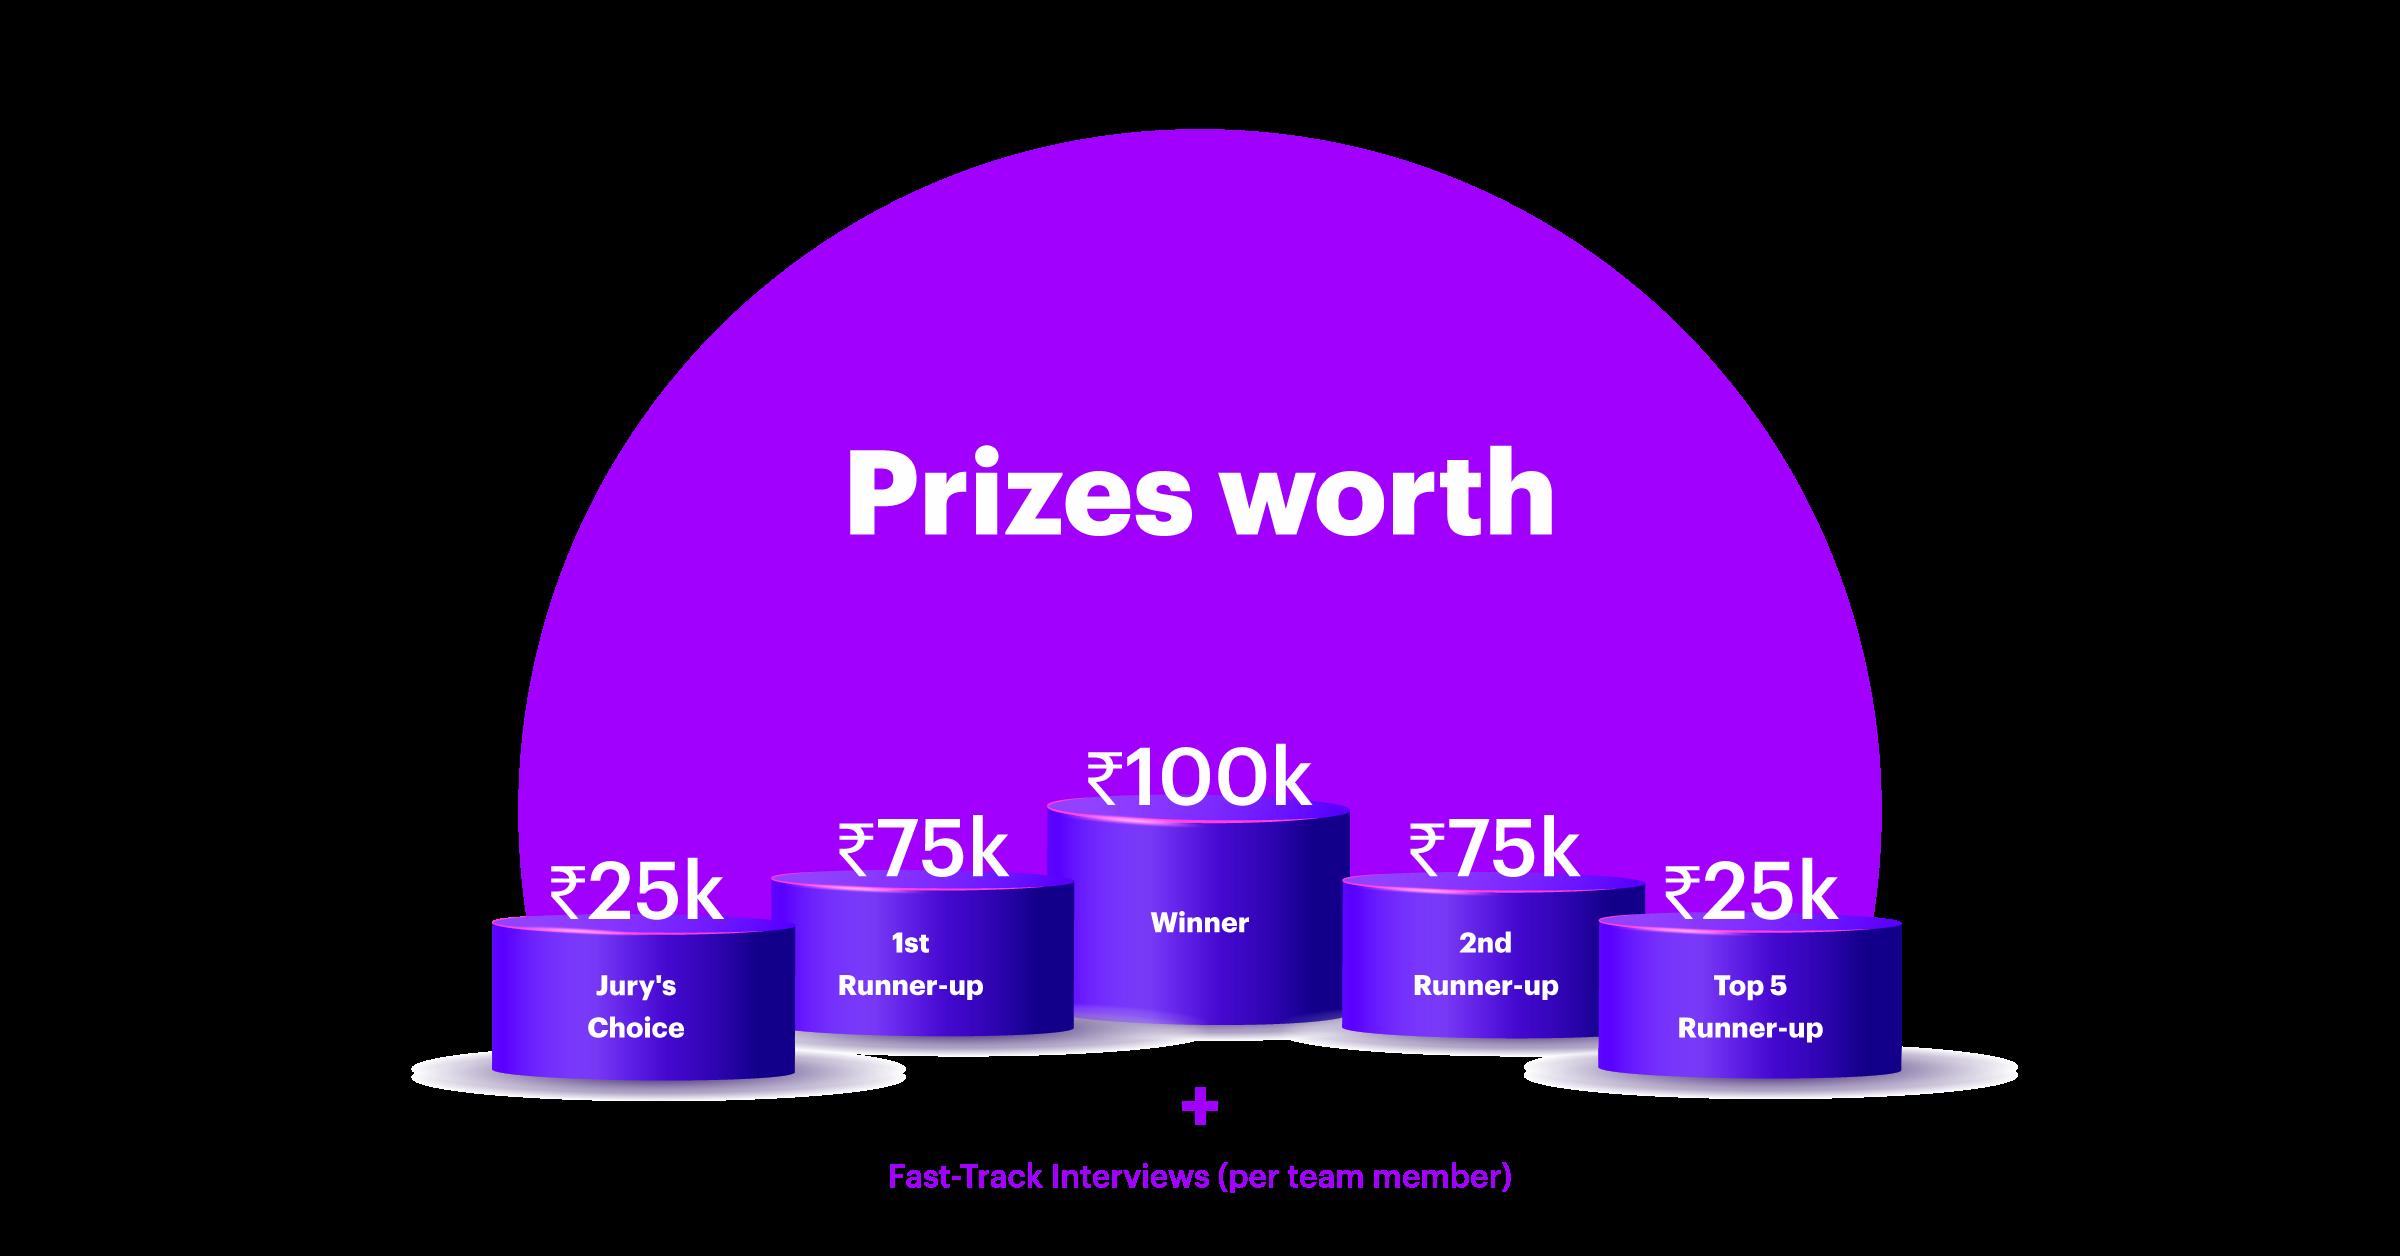 prizes accenture0257885